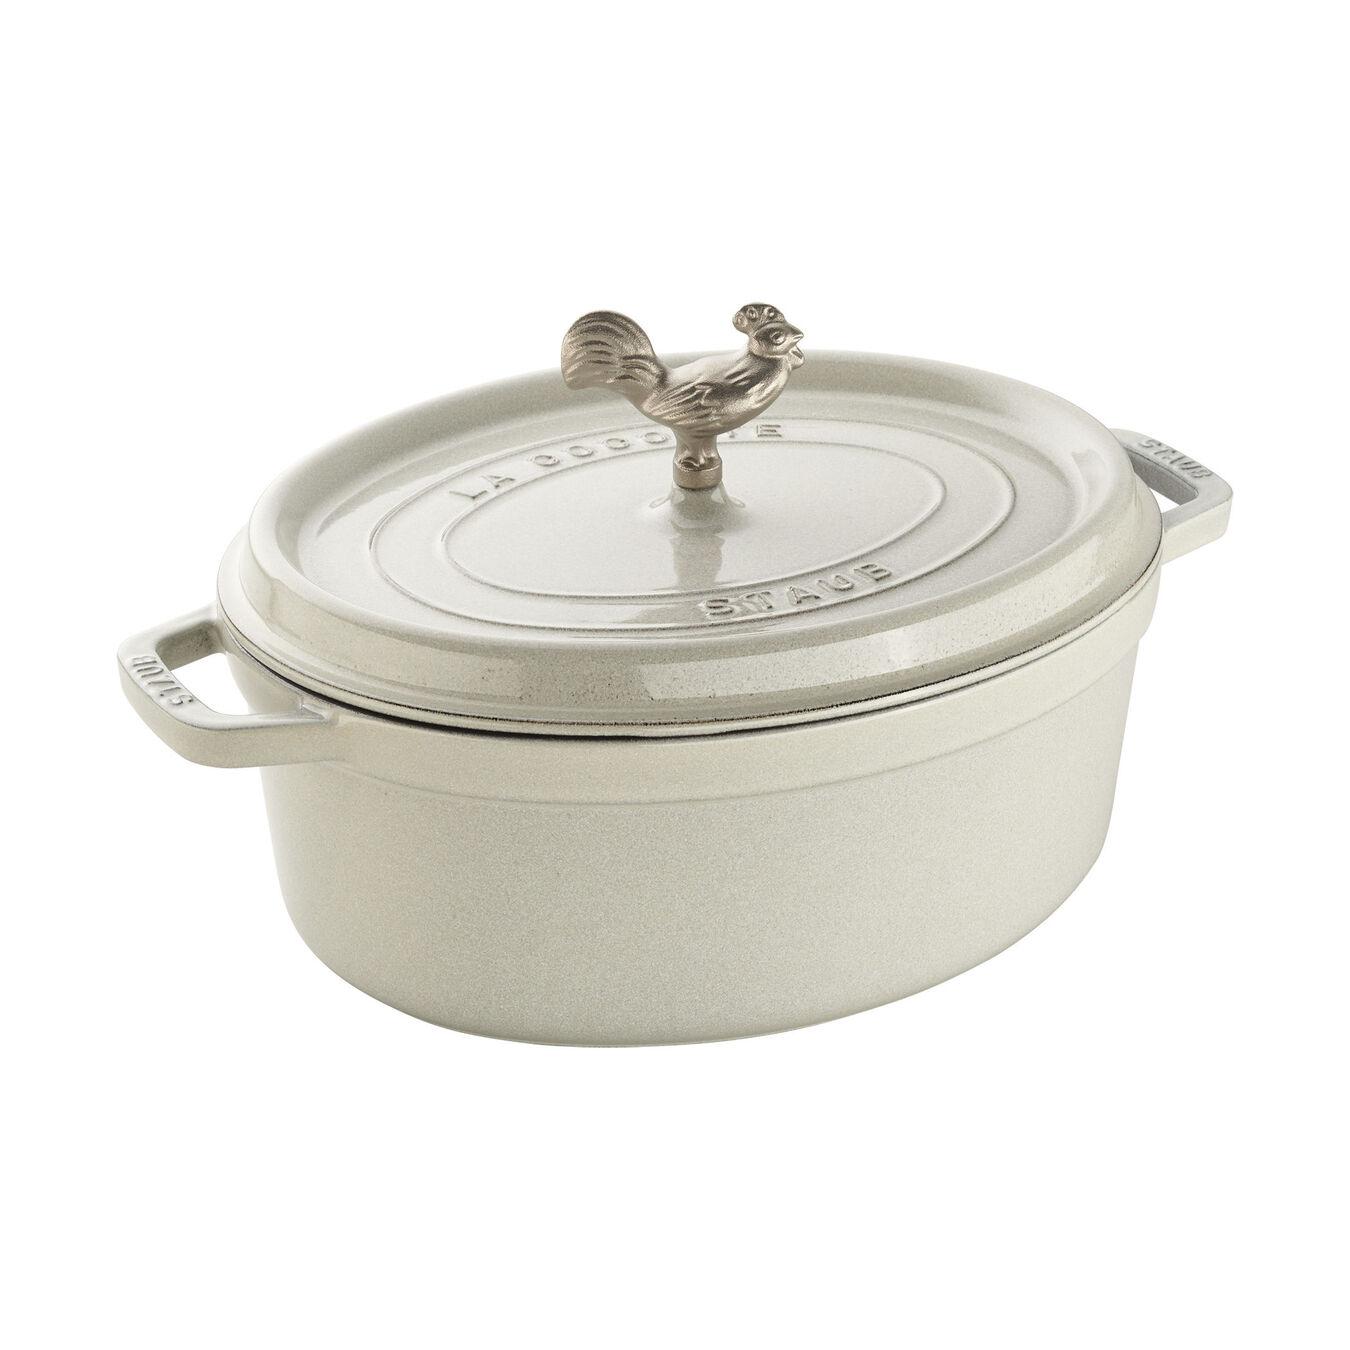 5.75-qt Coq au Vin Cocotte - White Truffle,,large 1